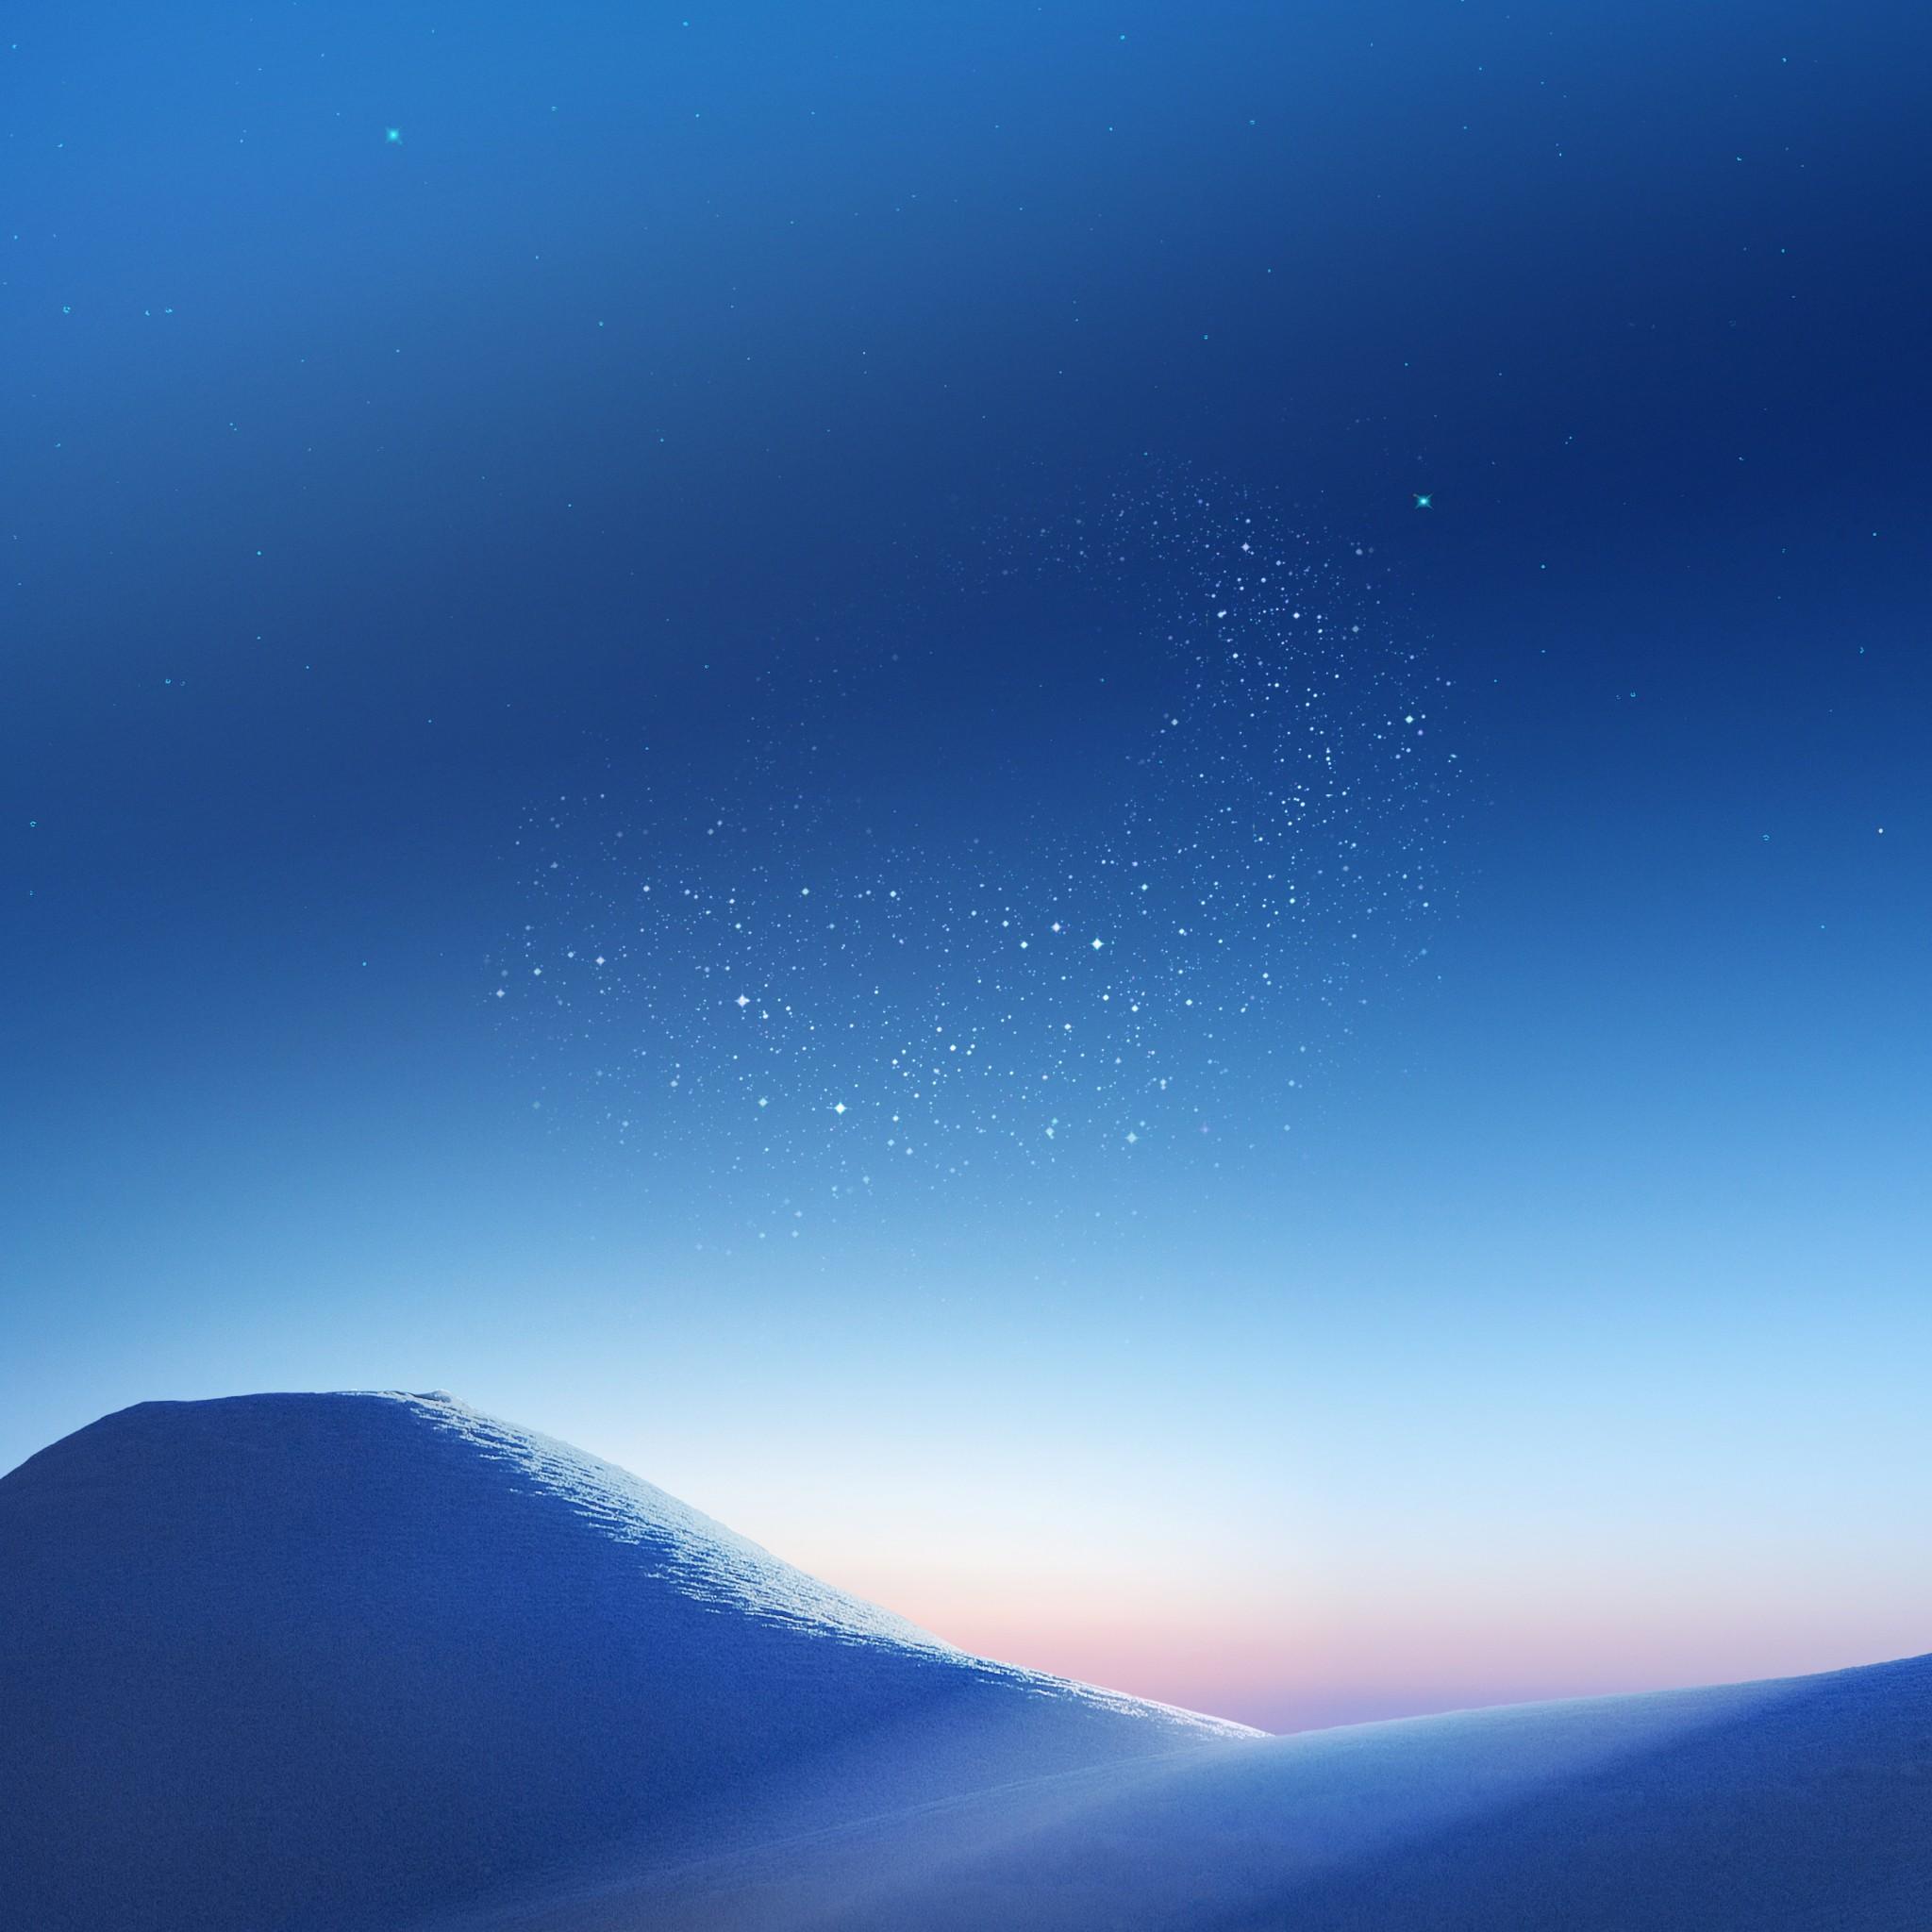 2048x2048 wallpaper 18 - [2048x2048]